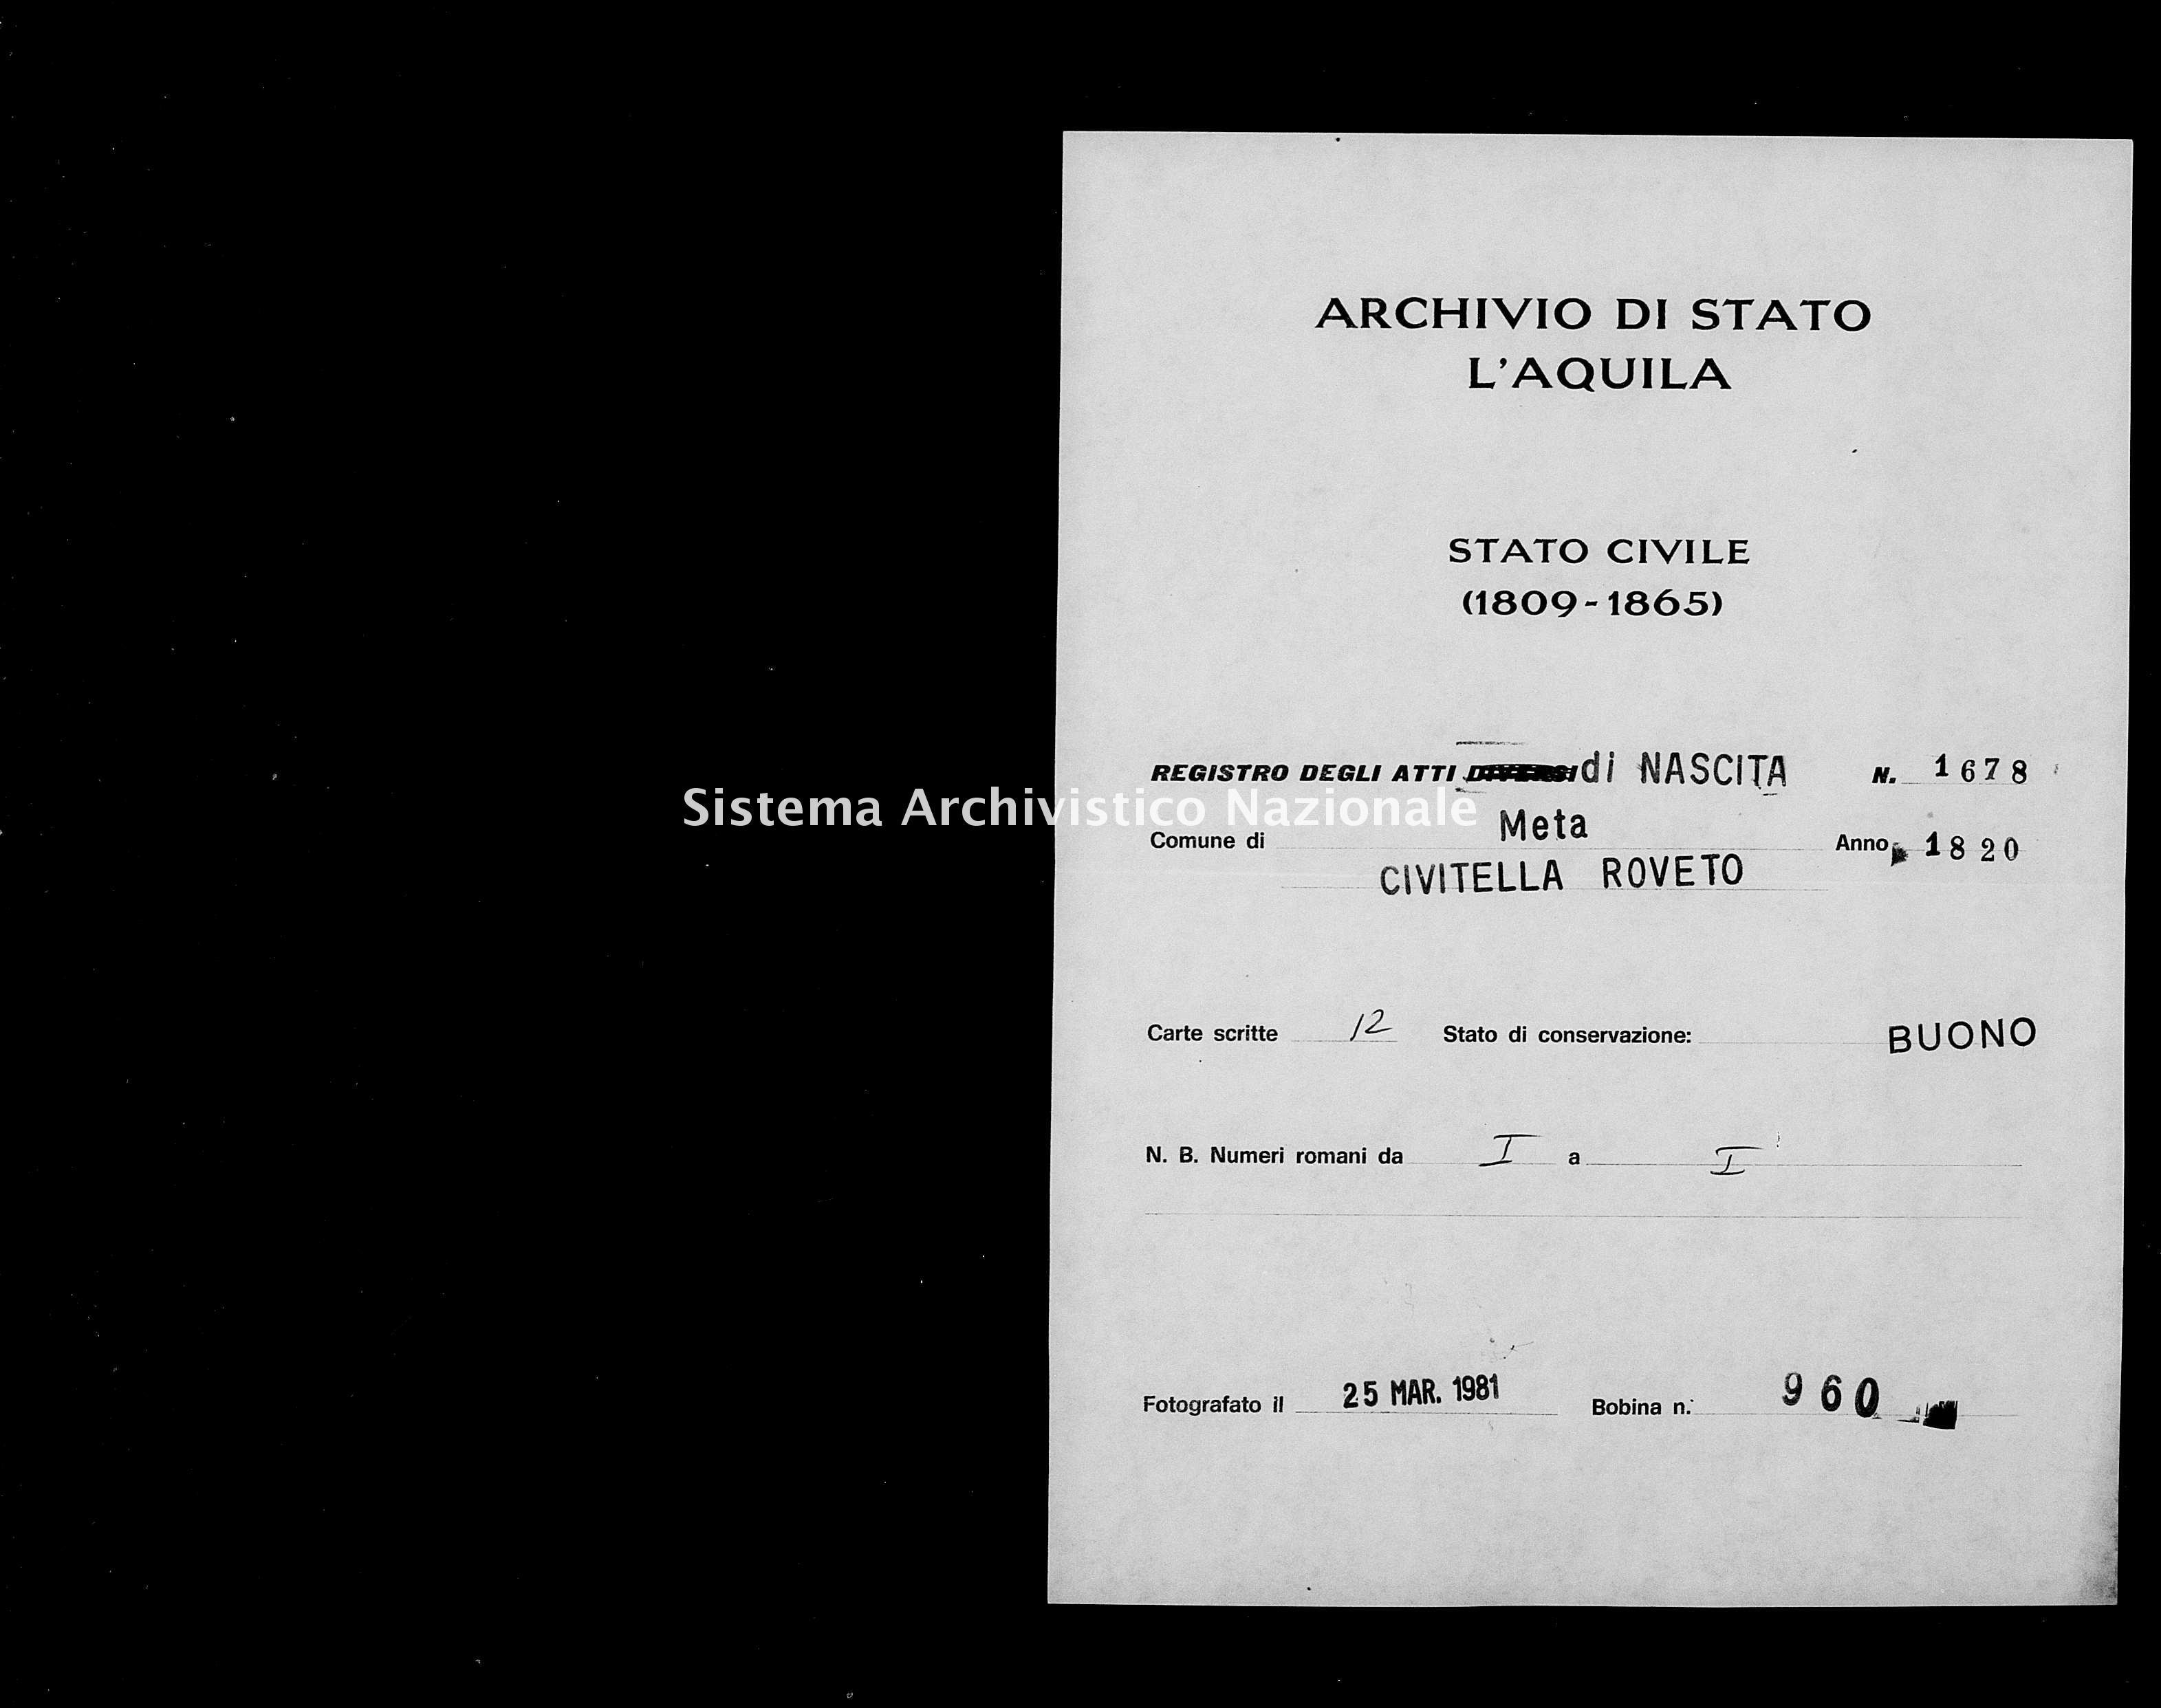 Archivio di stato di L'aquila - Stato civile della restaurazione - Meta - Nati - 1820 - 1678 -